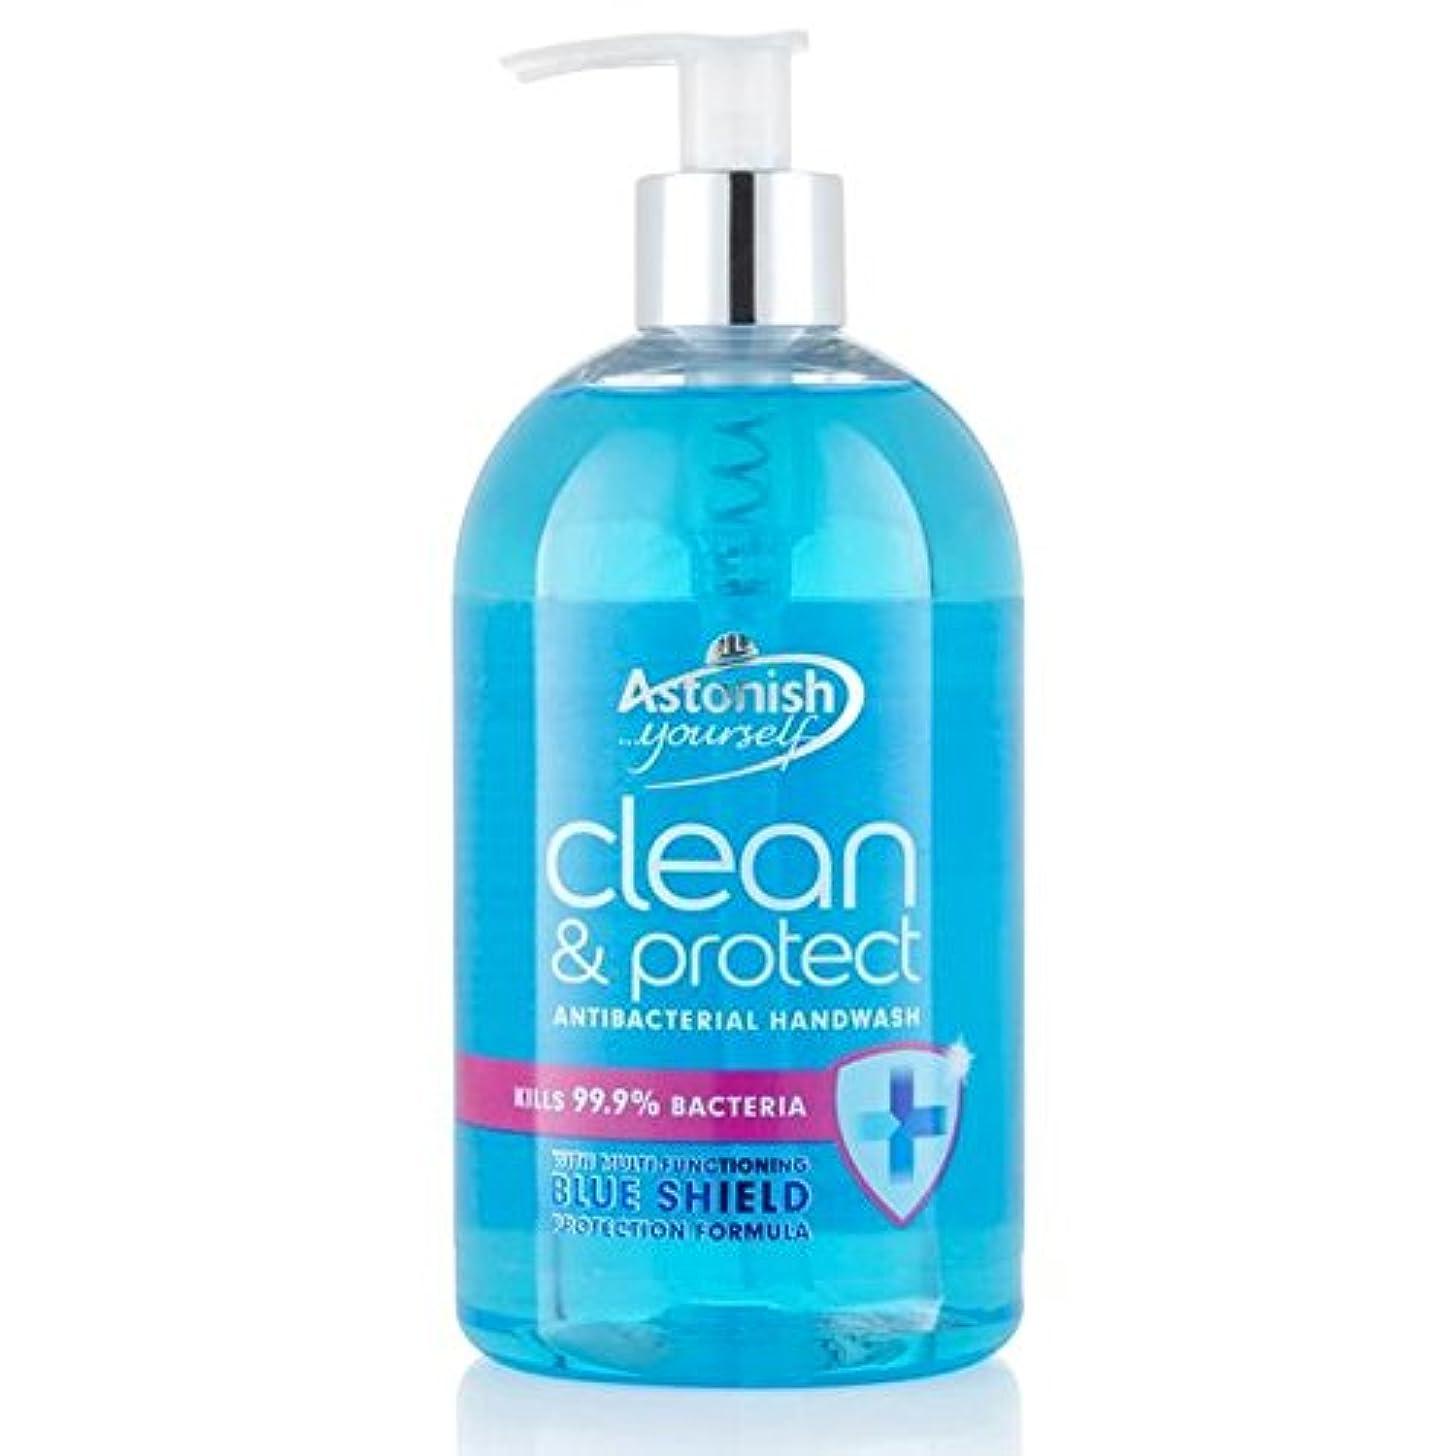 クリーン驚か&ハンドウォッシュ500ミリリットルを保護 x2 - Astonish Clean & Protect Hand Wash 500ml (Pack of 2) [並行輸入品]